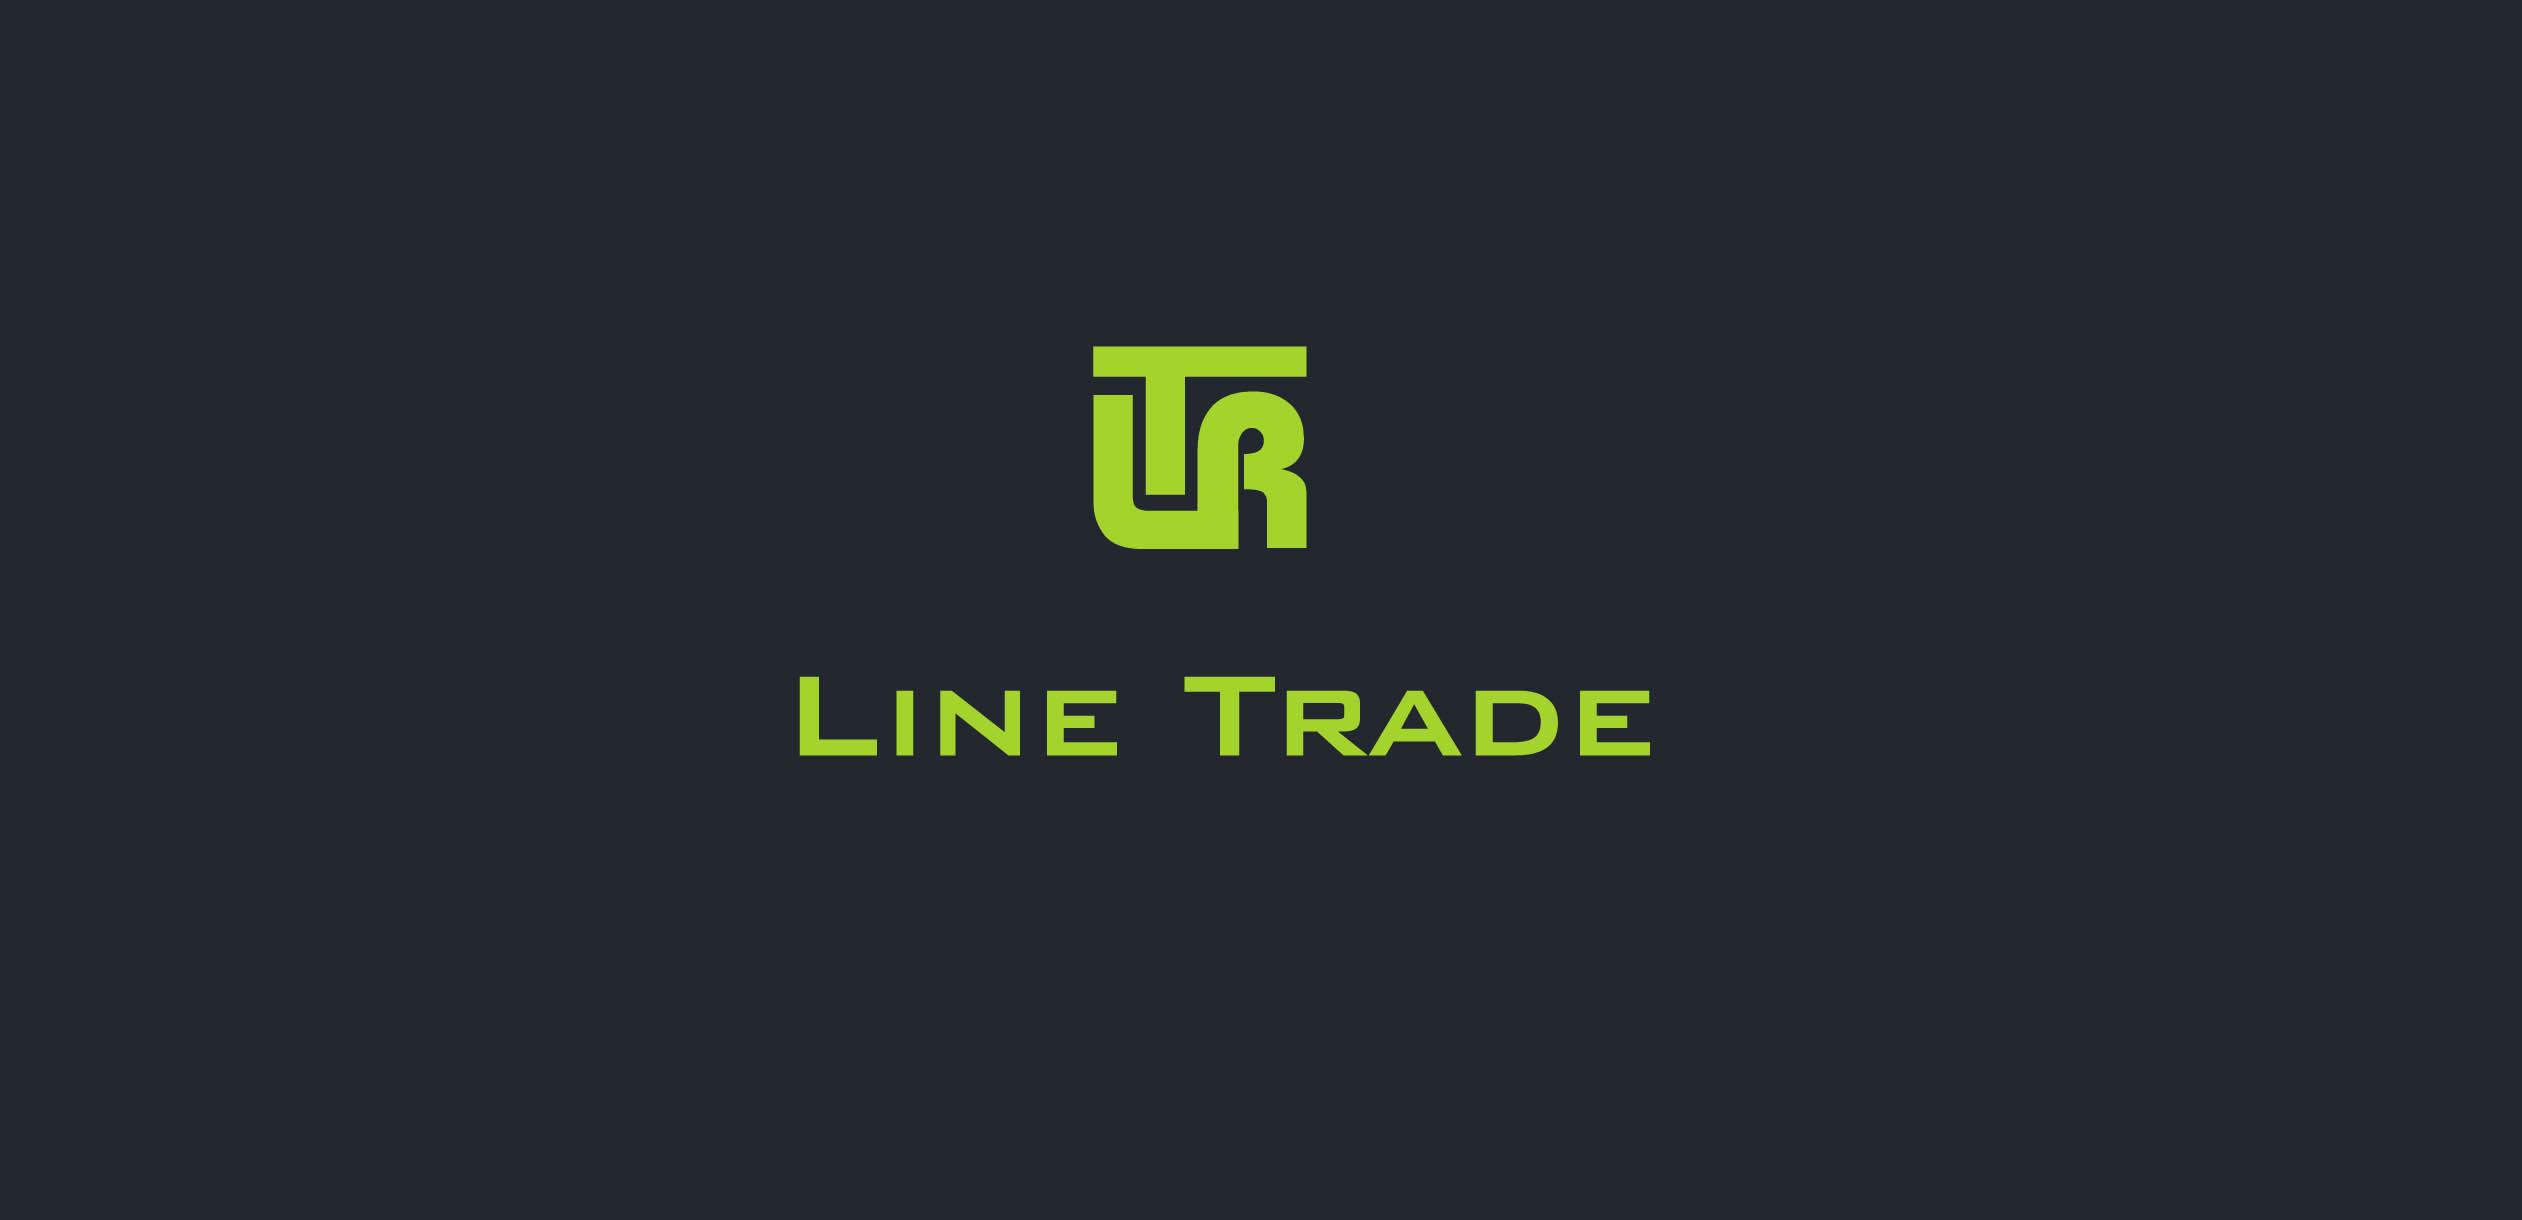 Разработка логотипа компании Line Trade фото f_56050f7c812cff4a.jpg